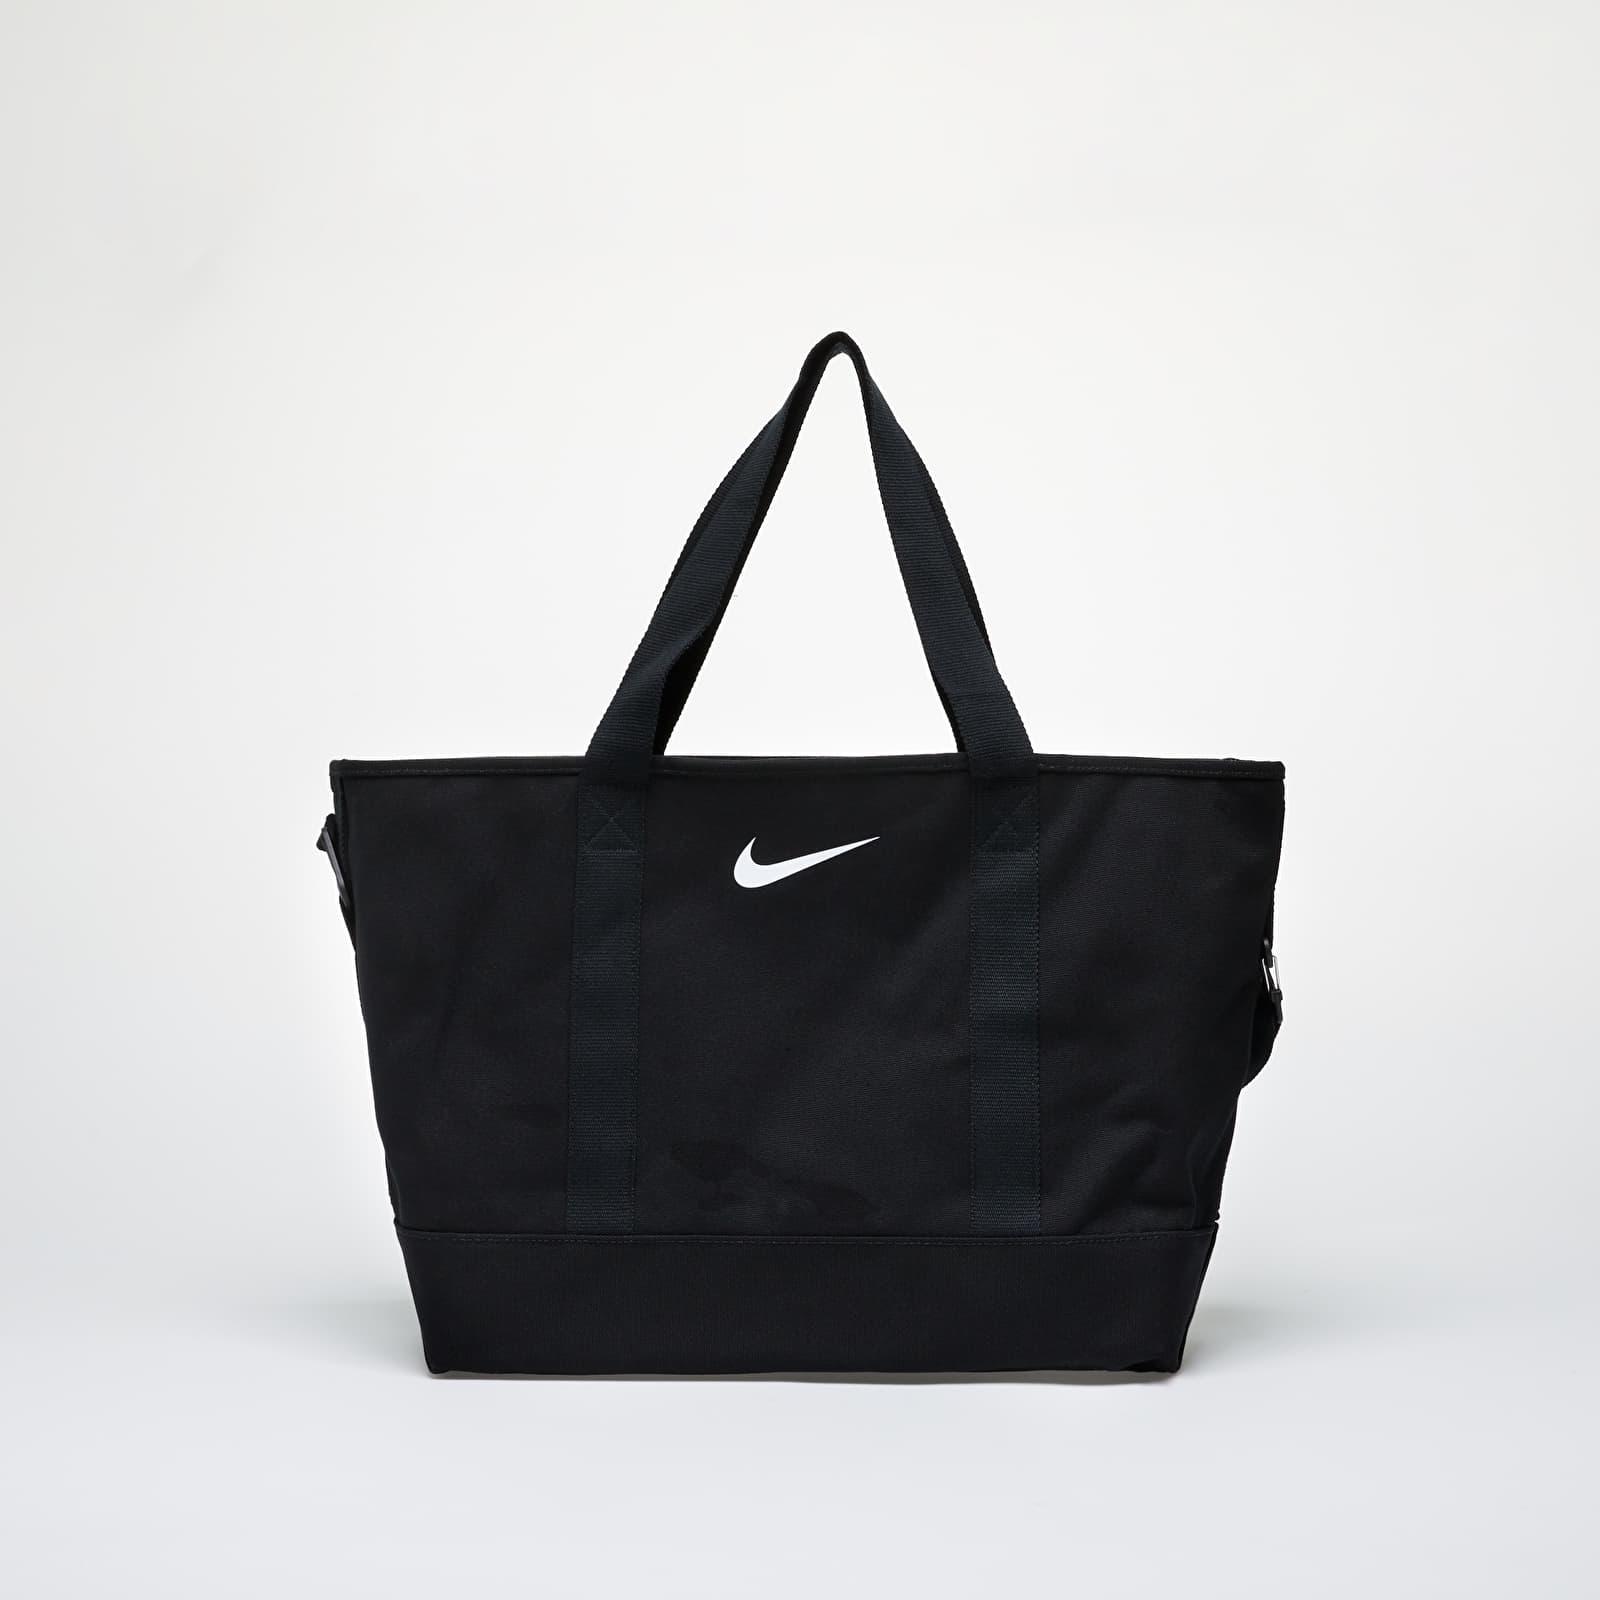 Nike x Stüssy Tote Bag